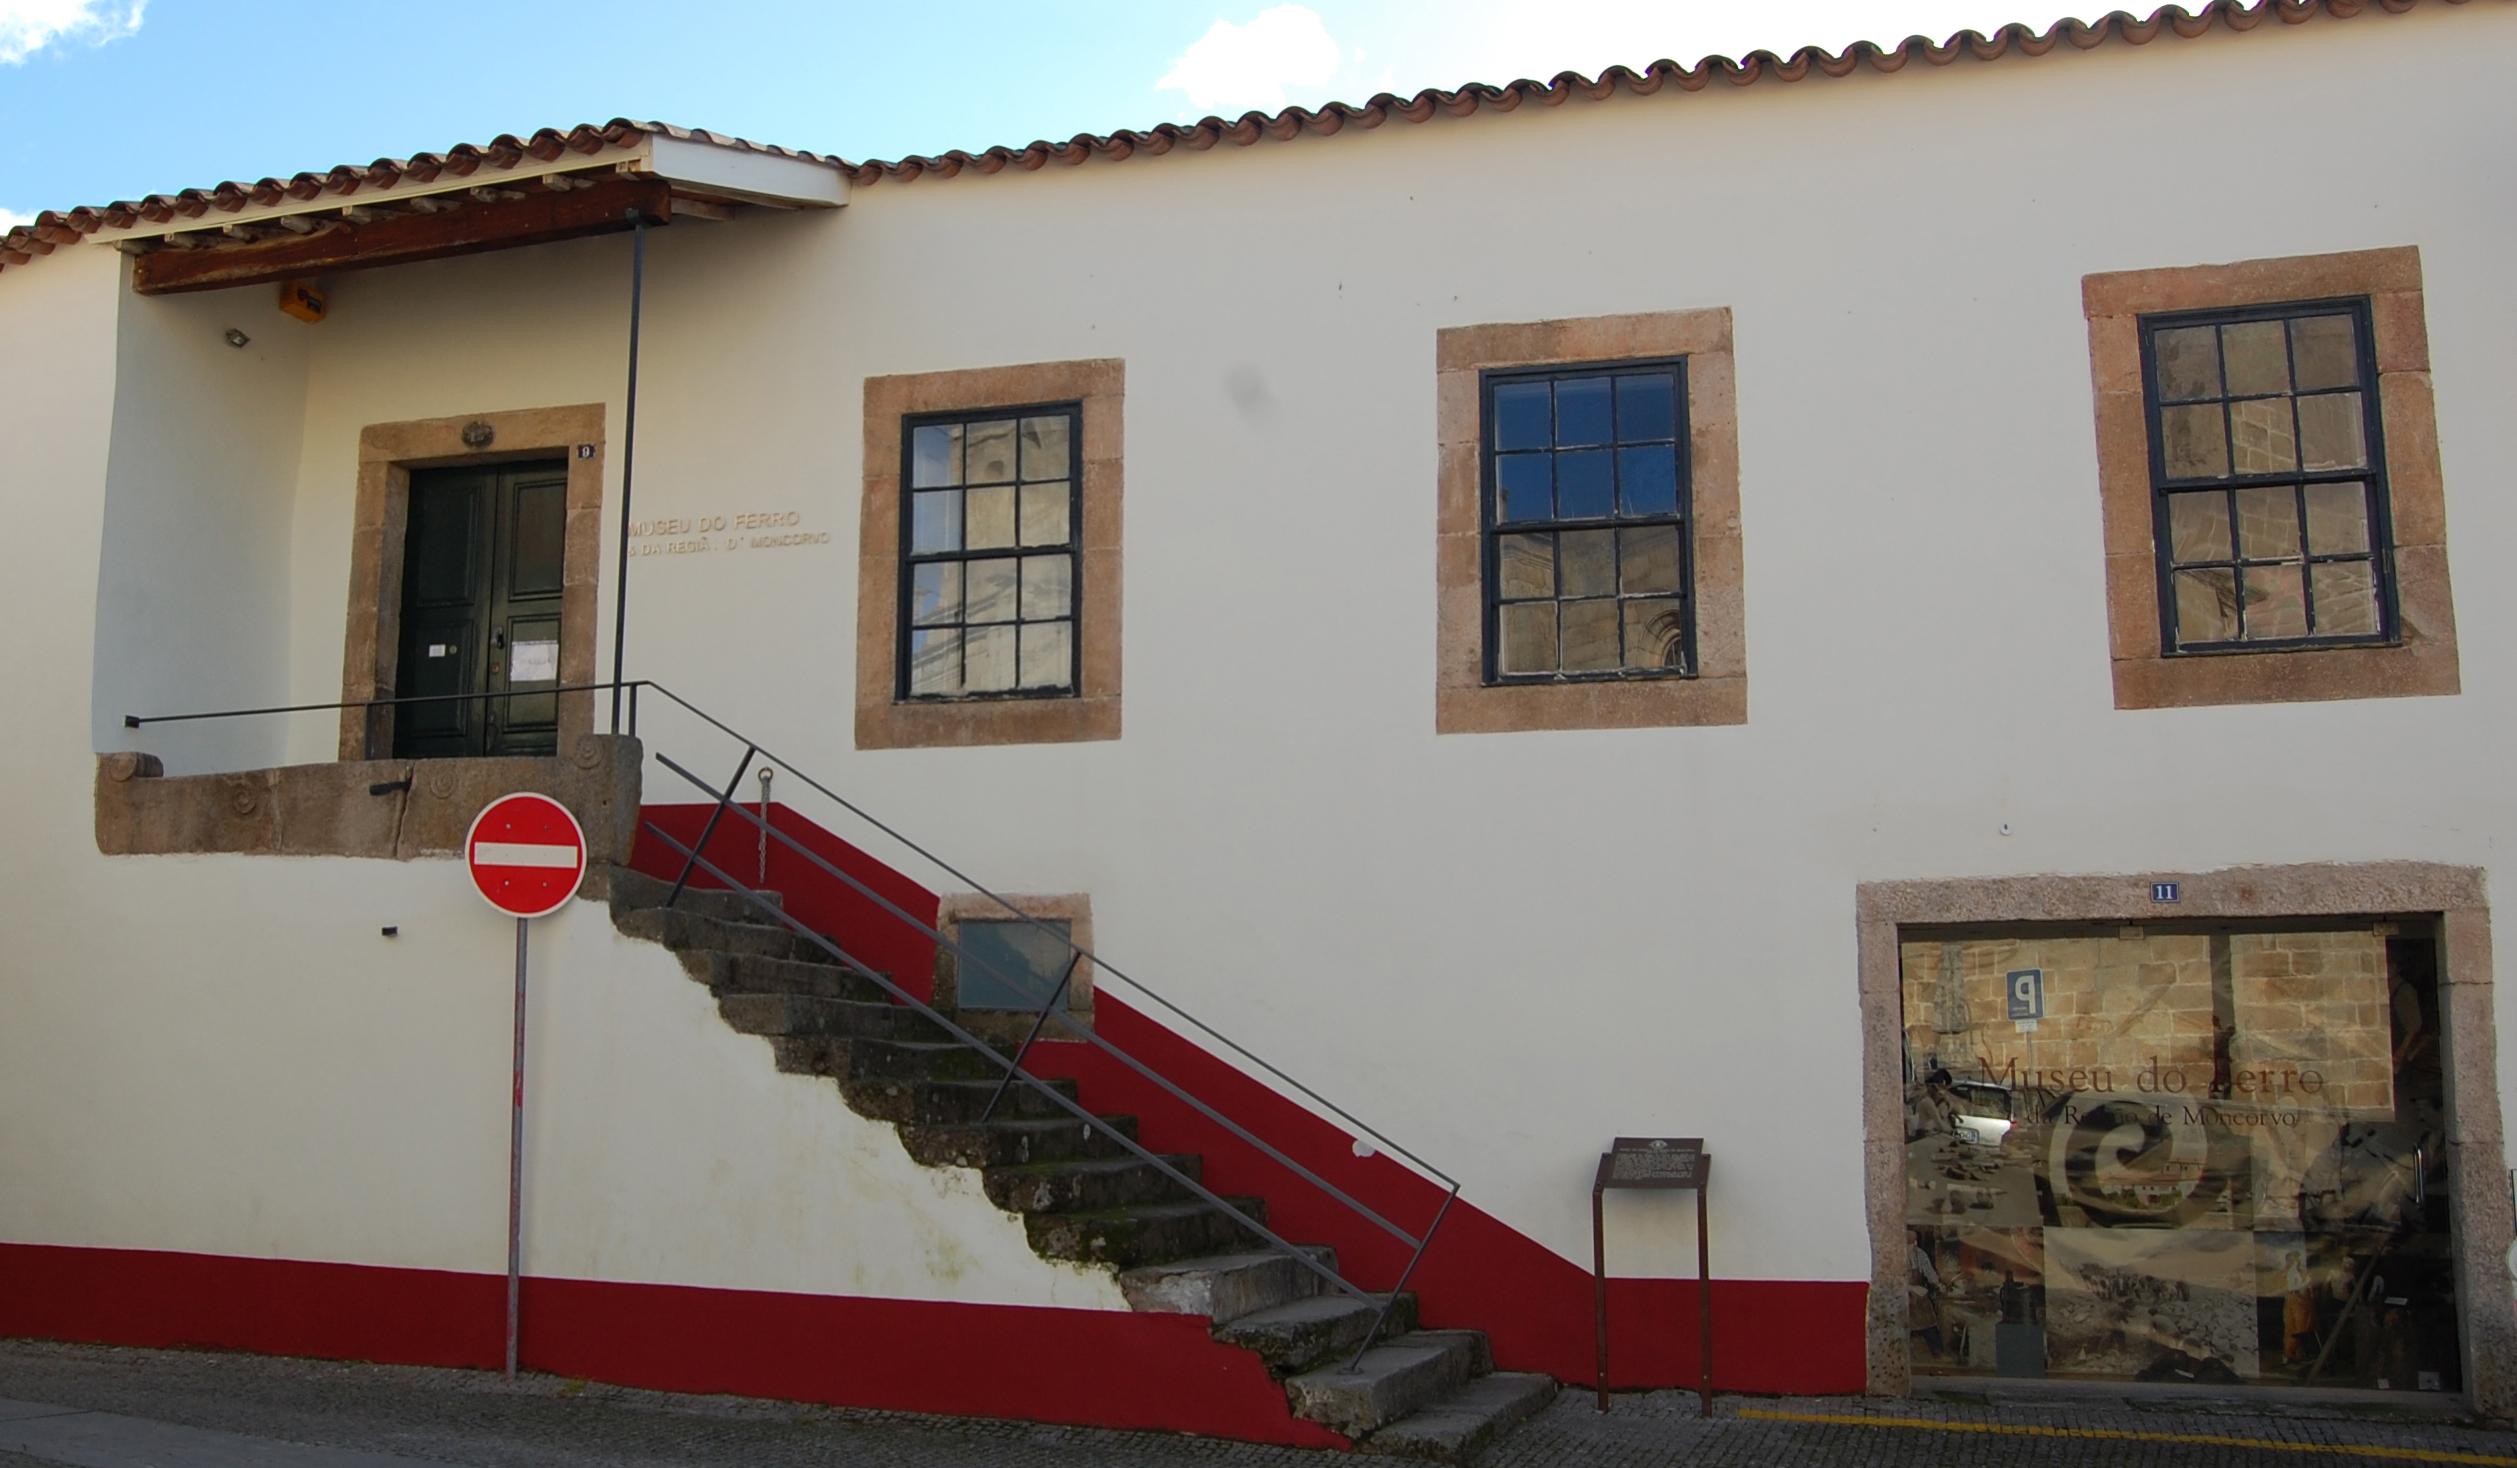 Museu do Ferro e da Região de Moncorvo